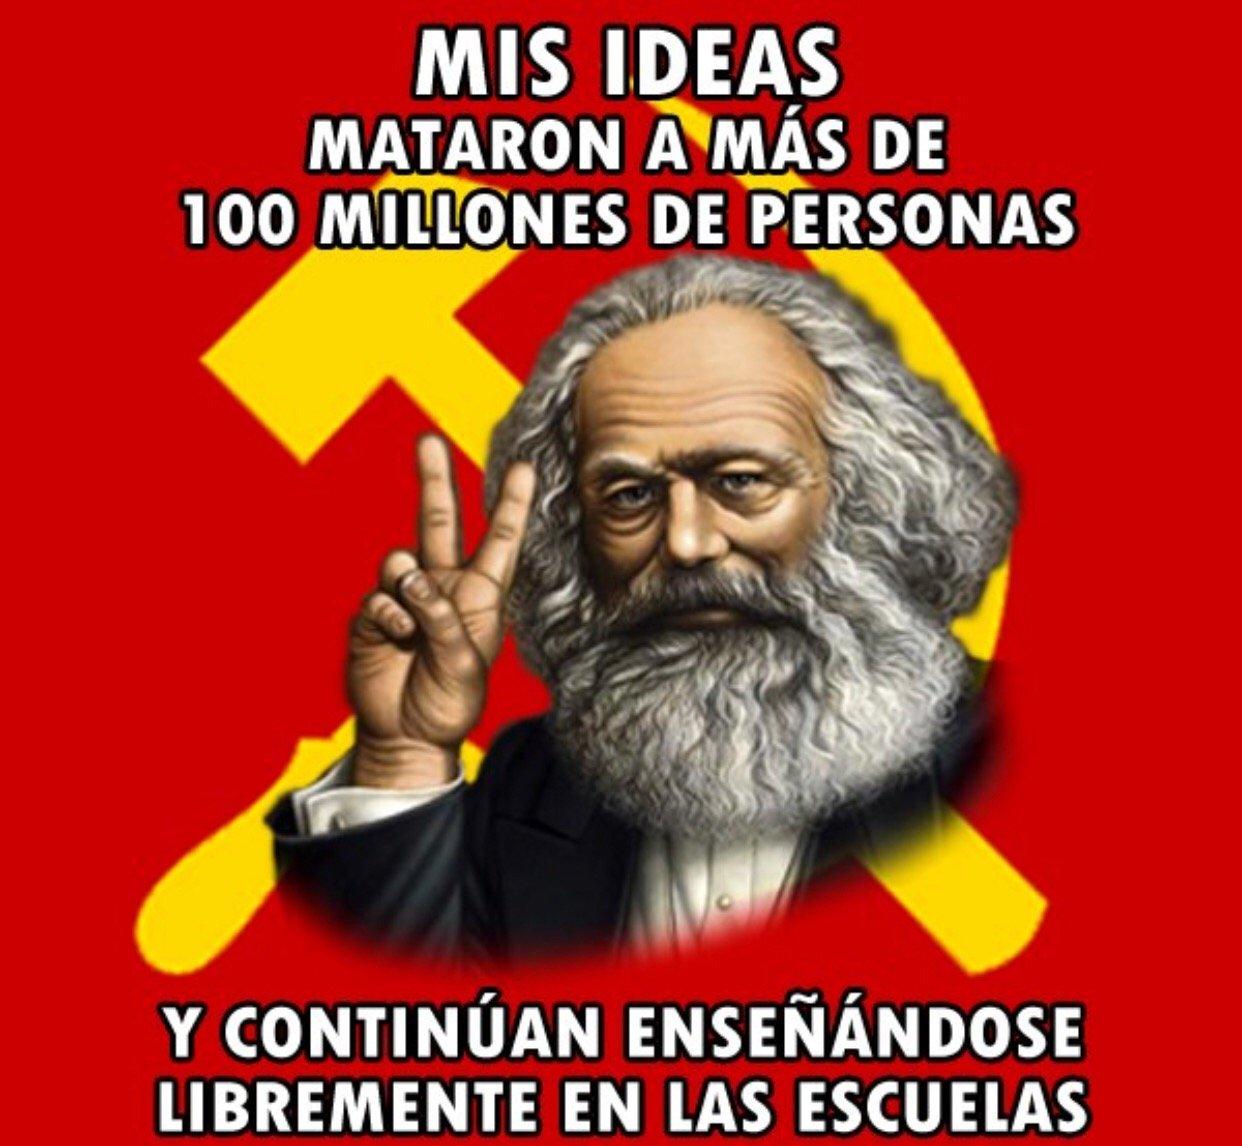 En Chile No Existe La Educación: Solo El Adoctrinamiento  Izquierdista...???????????????? | PeakD